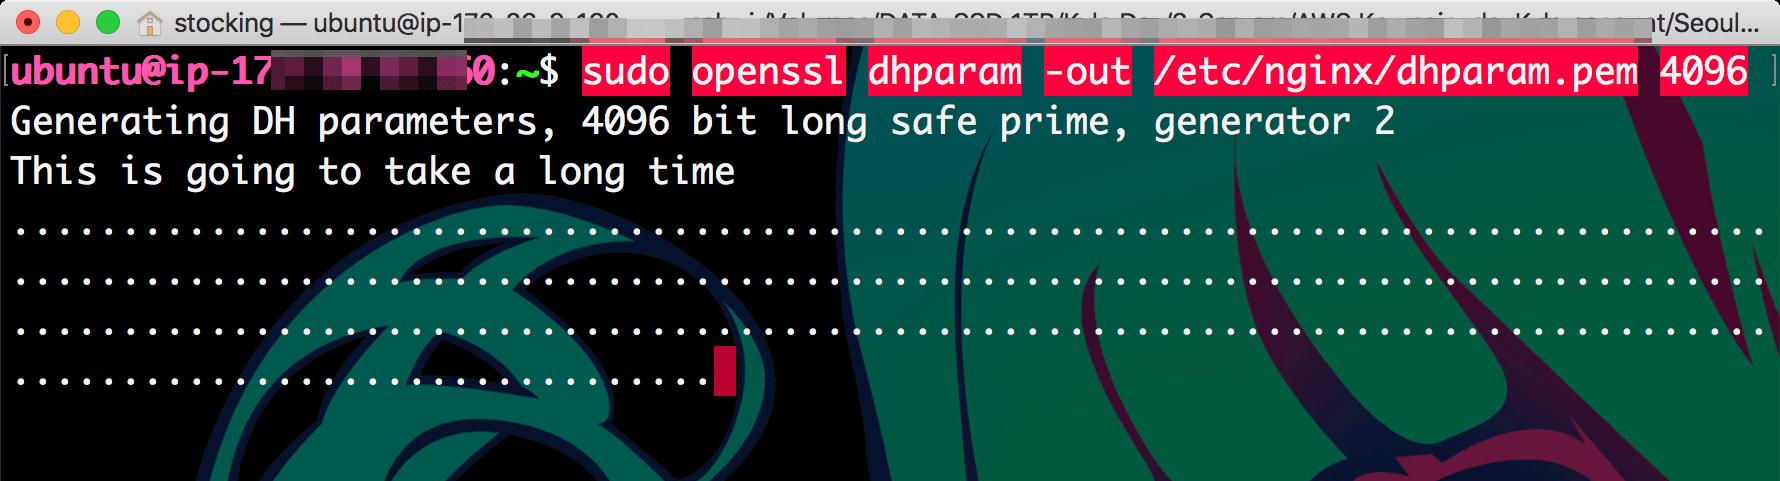 openssl 명령어를 사용해서 4096 비트 암호화 파일 생성시작... 화면에 점점점이 가득차며 진행중임을 알려주고 있다